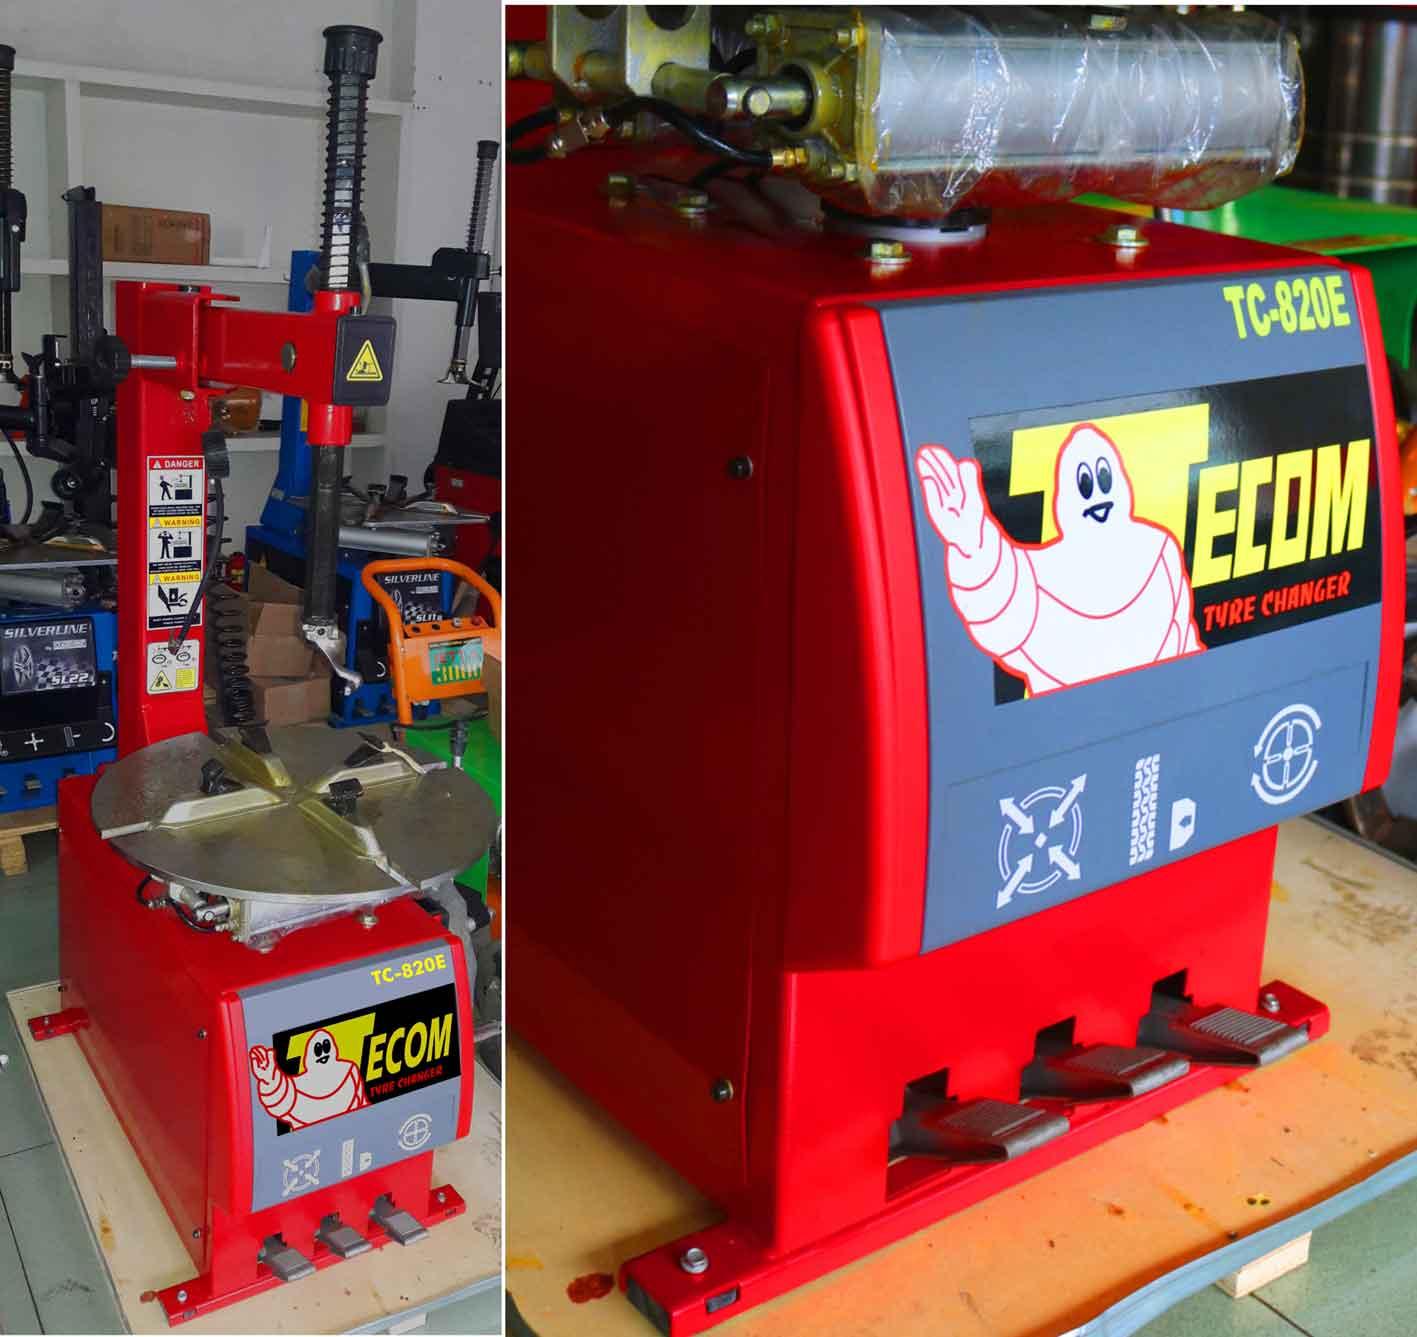 máy tháo vỏ xe tayga TC820, Máy ra vào lốp xe máy TC820